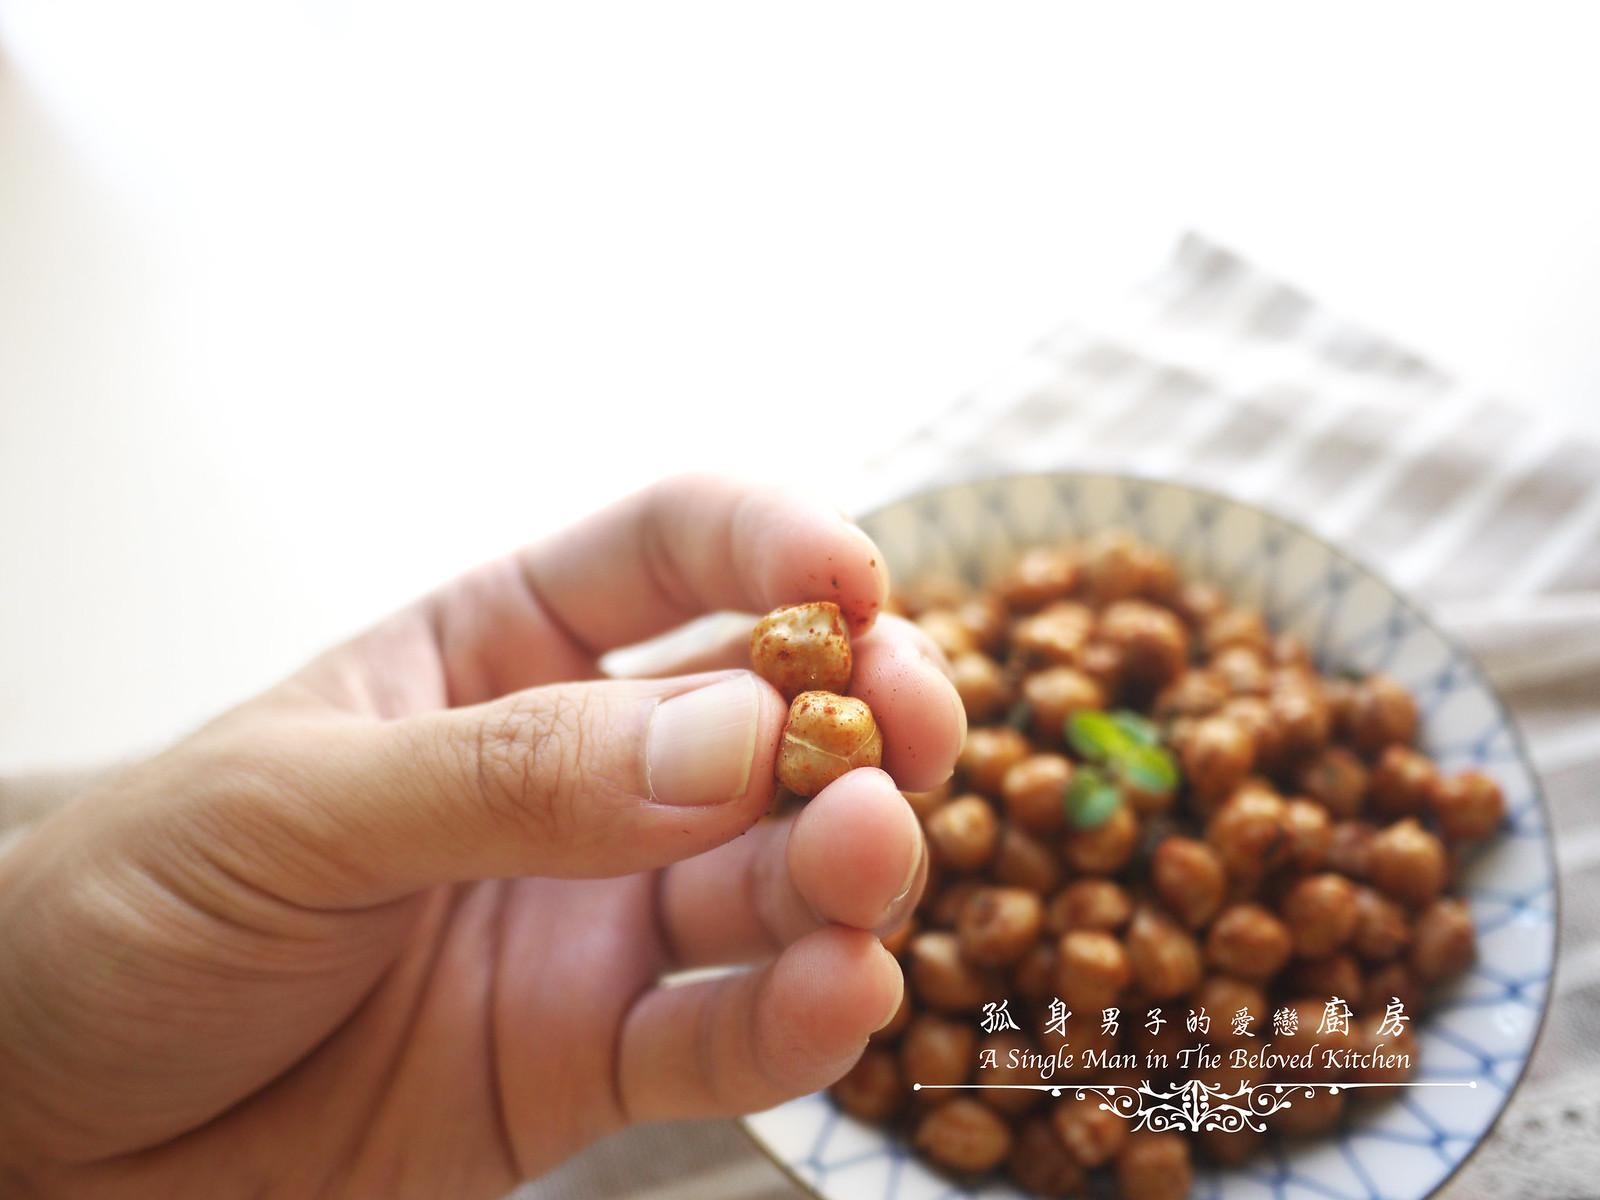 孤身廚房-香料煙燻鹽烤鷹嘴豆15